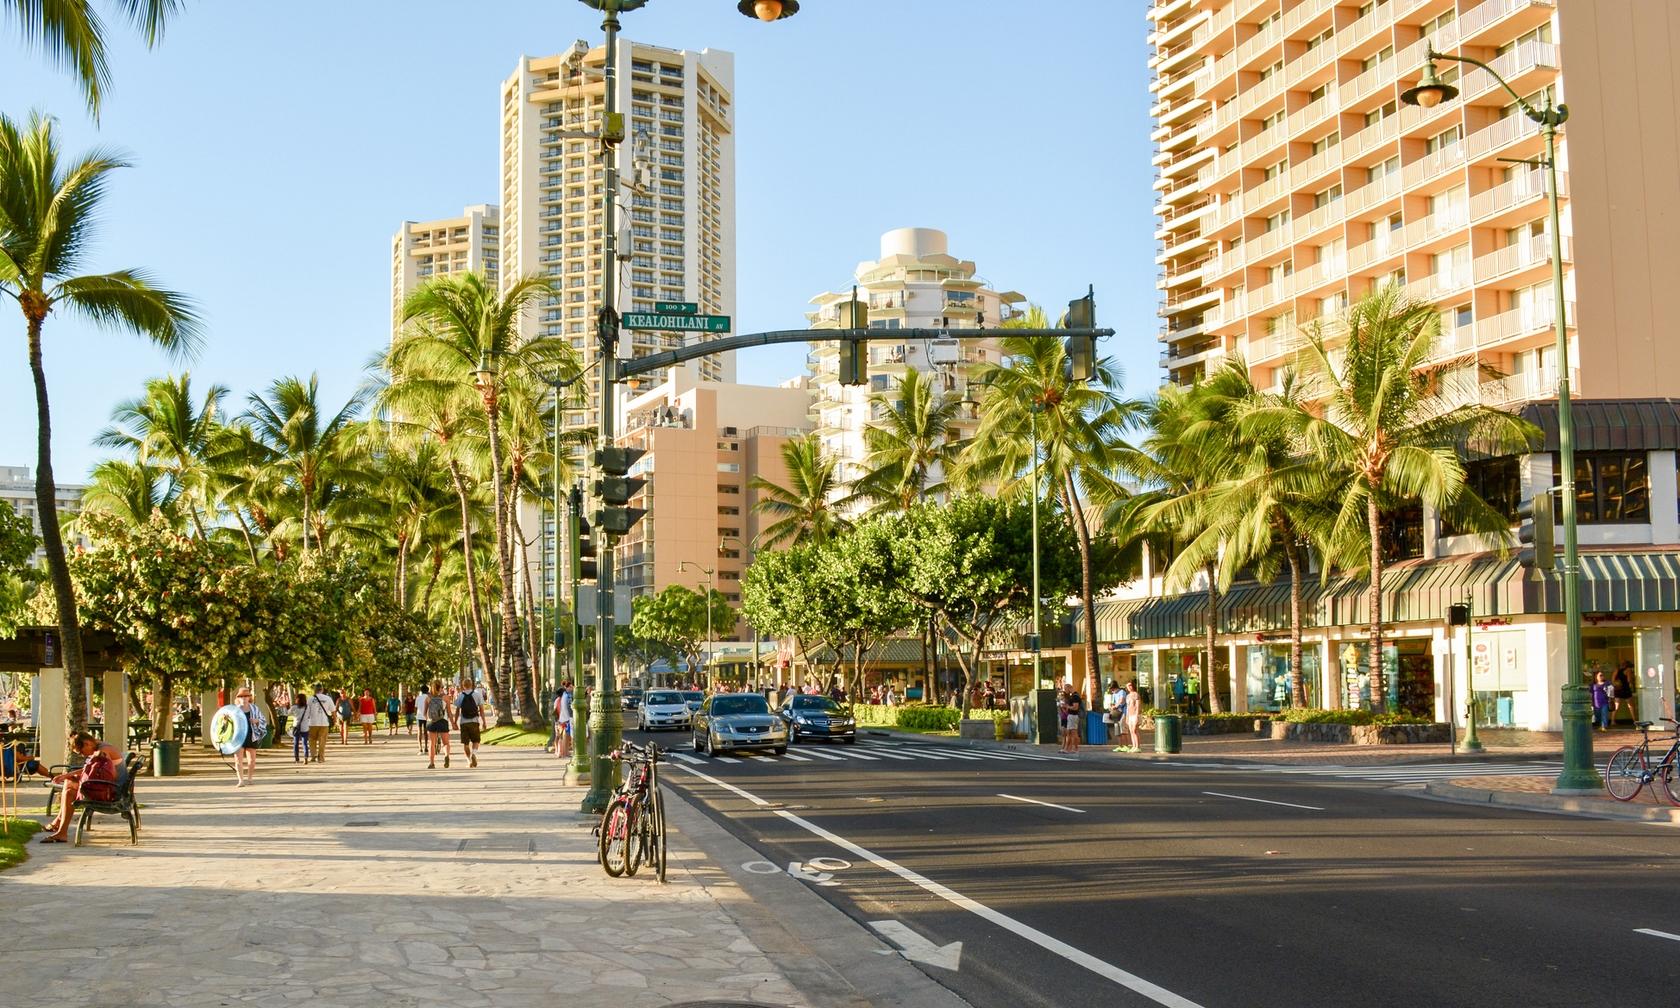 Vacation rentals in Waikiki Beach